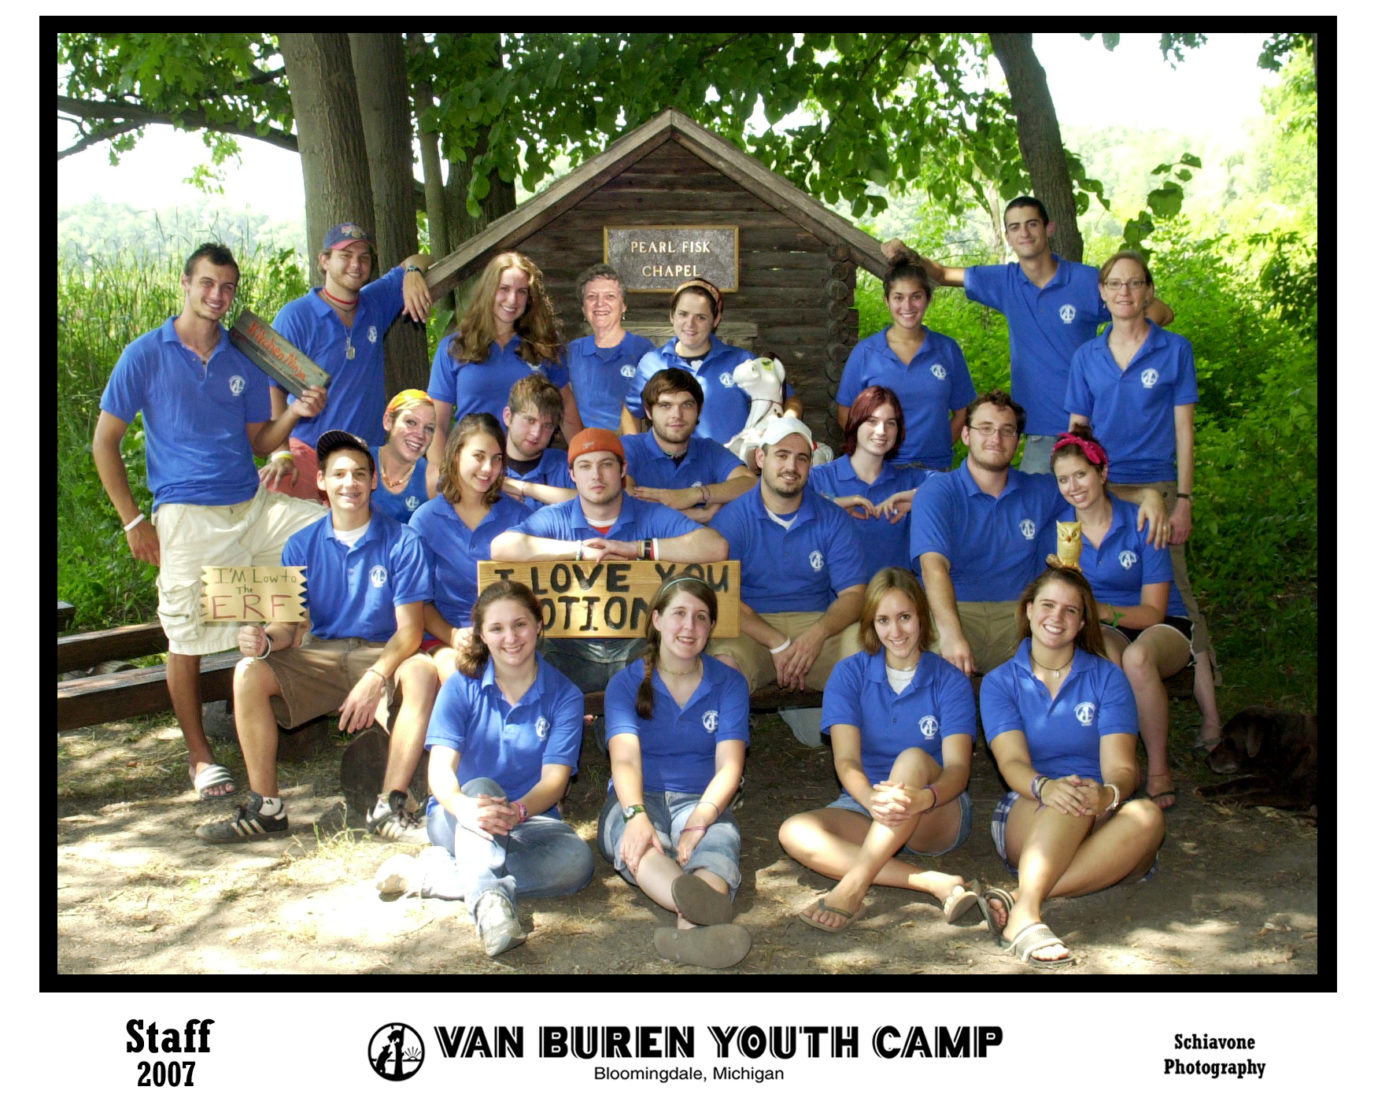 Staff 2007